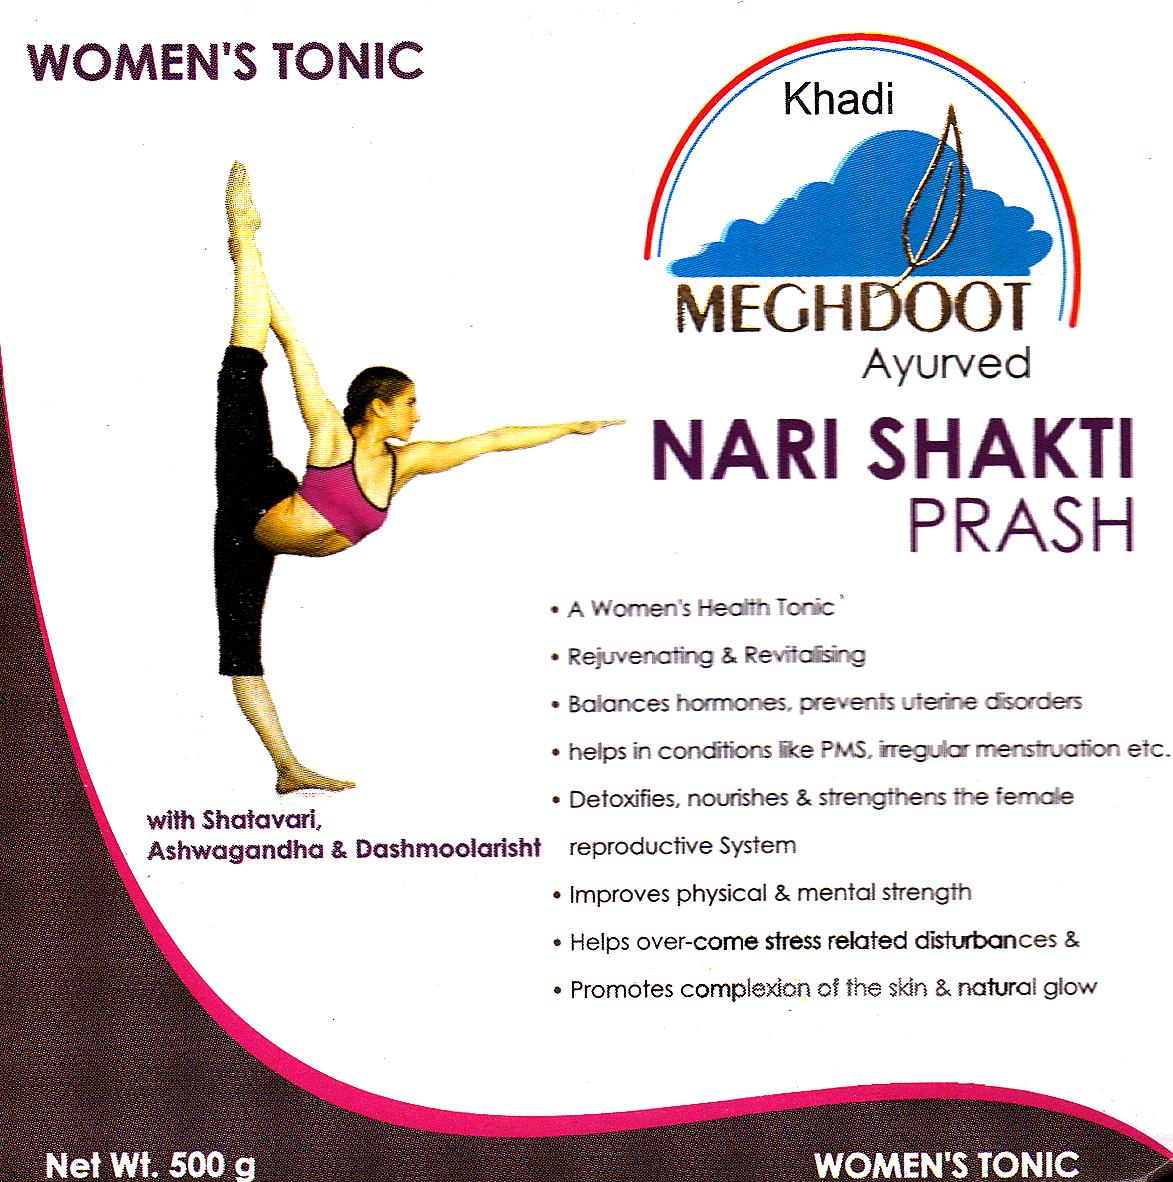 nari shakti Thik hai but aur bhi rup hai nari ke jo kahane yogya nahi hai september 15, 2014 at 7:55 am anonymous said.